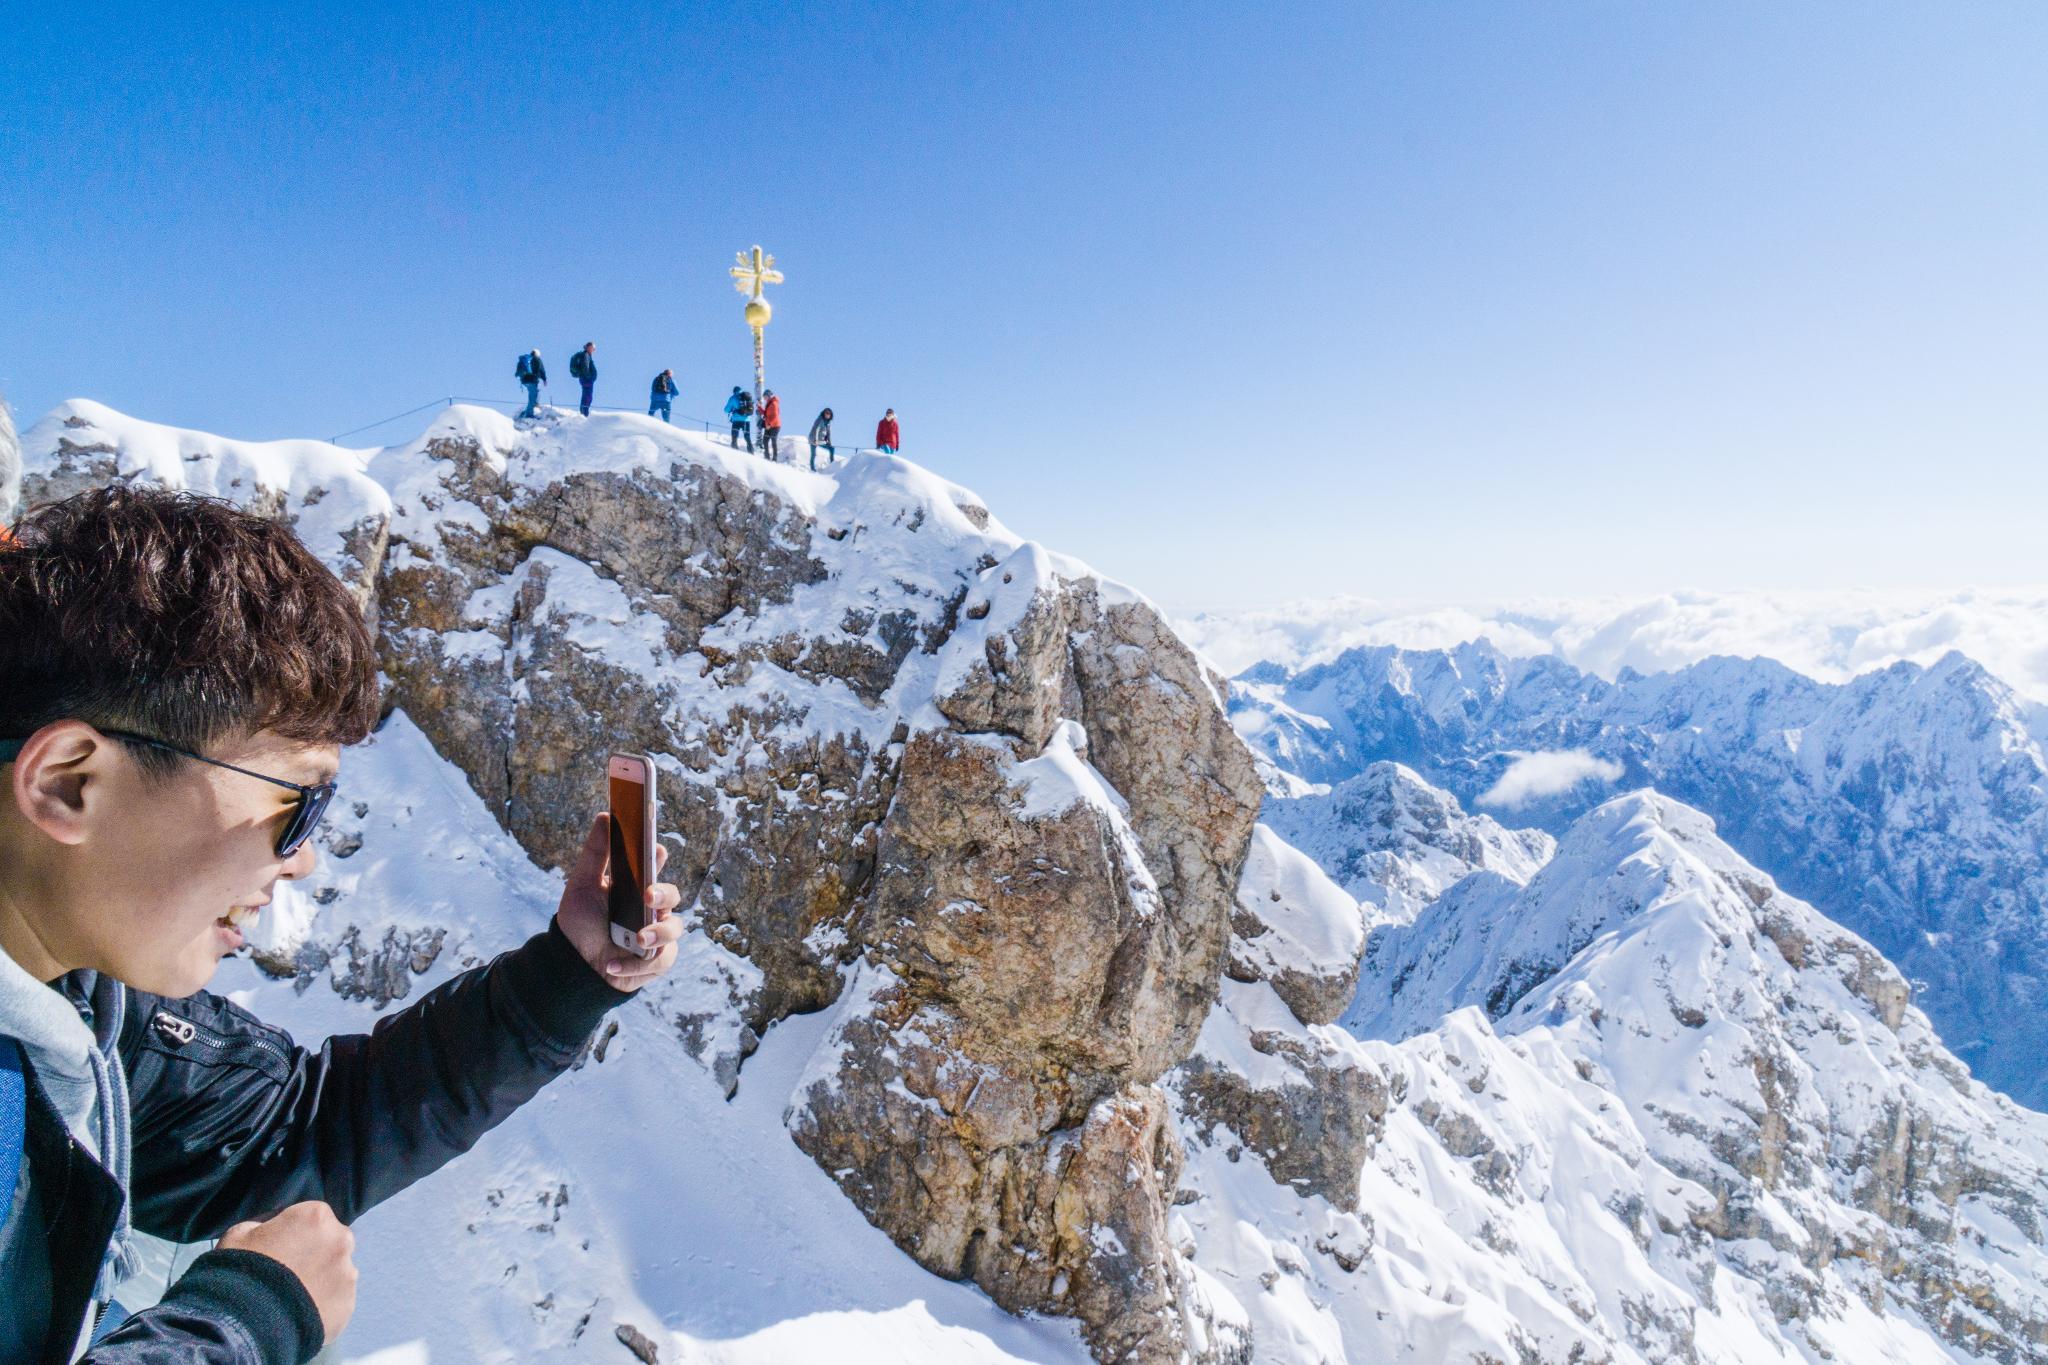 【德國】阿爾卑斯大道:楚格峰 (Zugspitze) 登上德國之巔 41